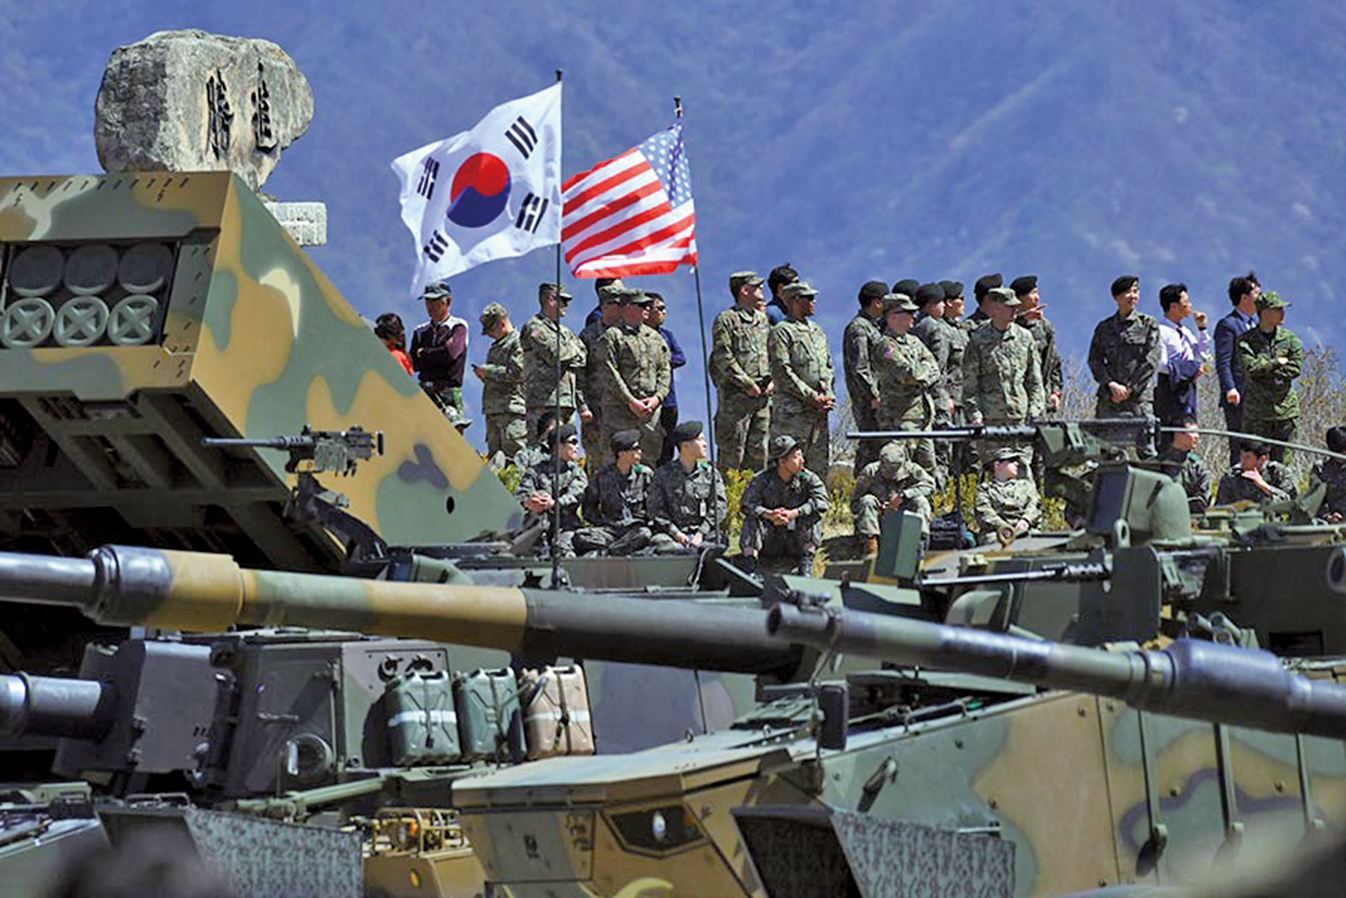 一個窮兵黷武的北韓的存在,恰恰起到了維繫美國與日韓關係的作用。圖為美國與南韓的聯合軍演。(AFP)